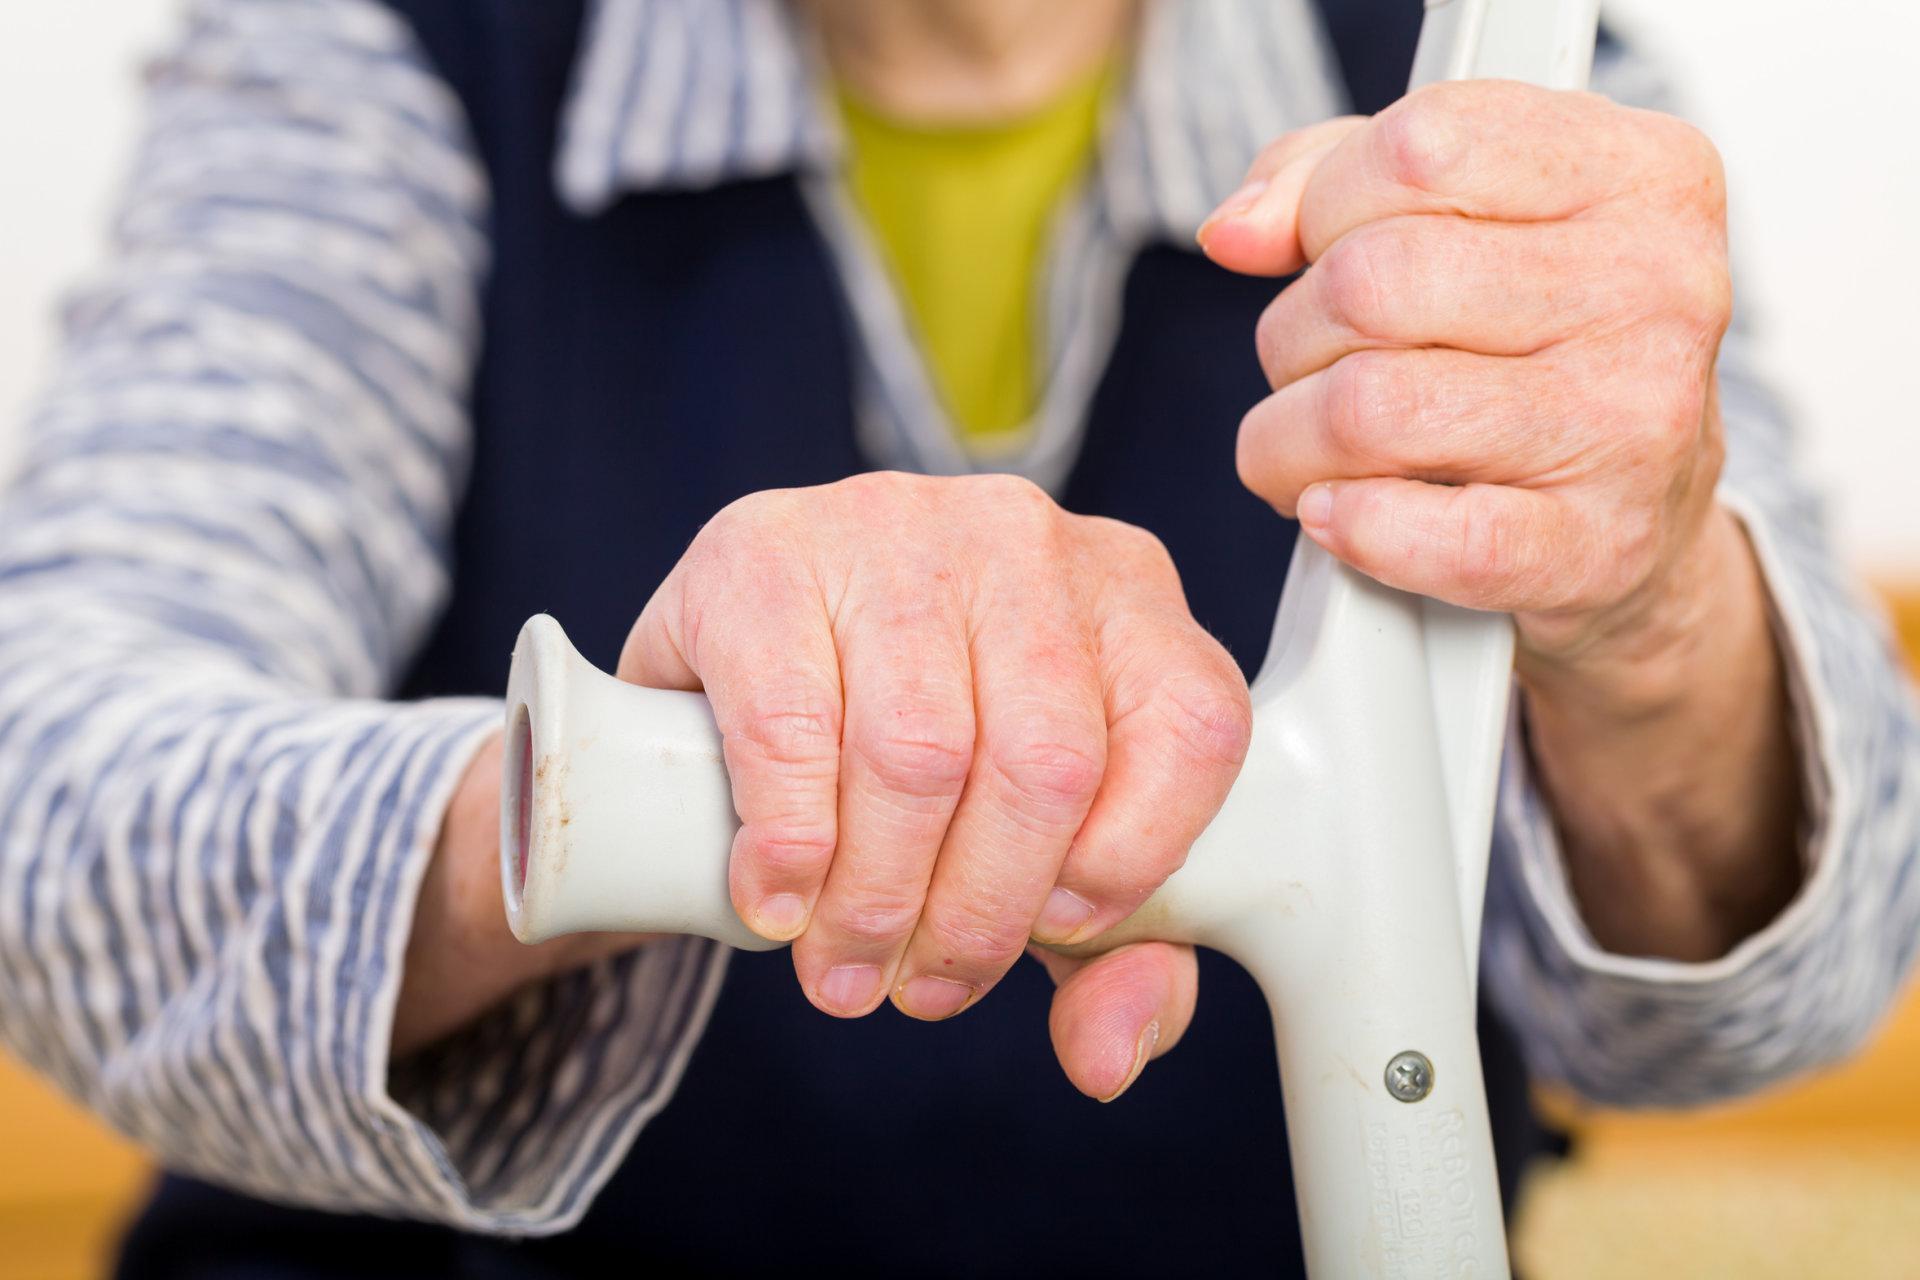 liga nuo gonartrosis rankų sąnarių skausmas peties sąnario negali pakelti savo ranką